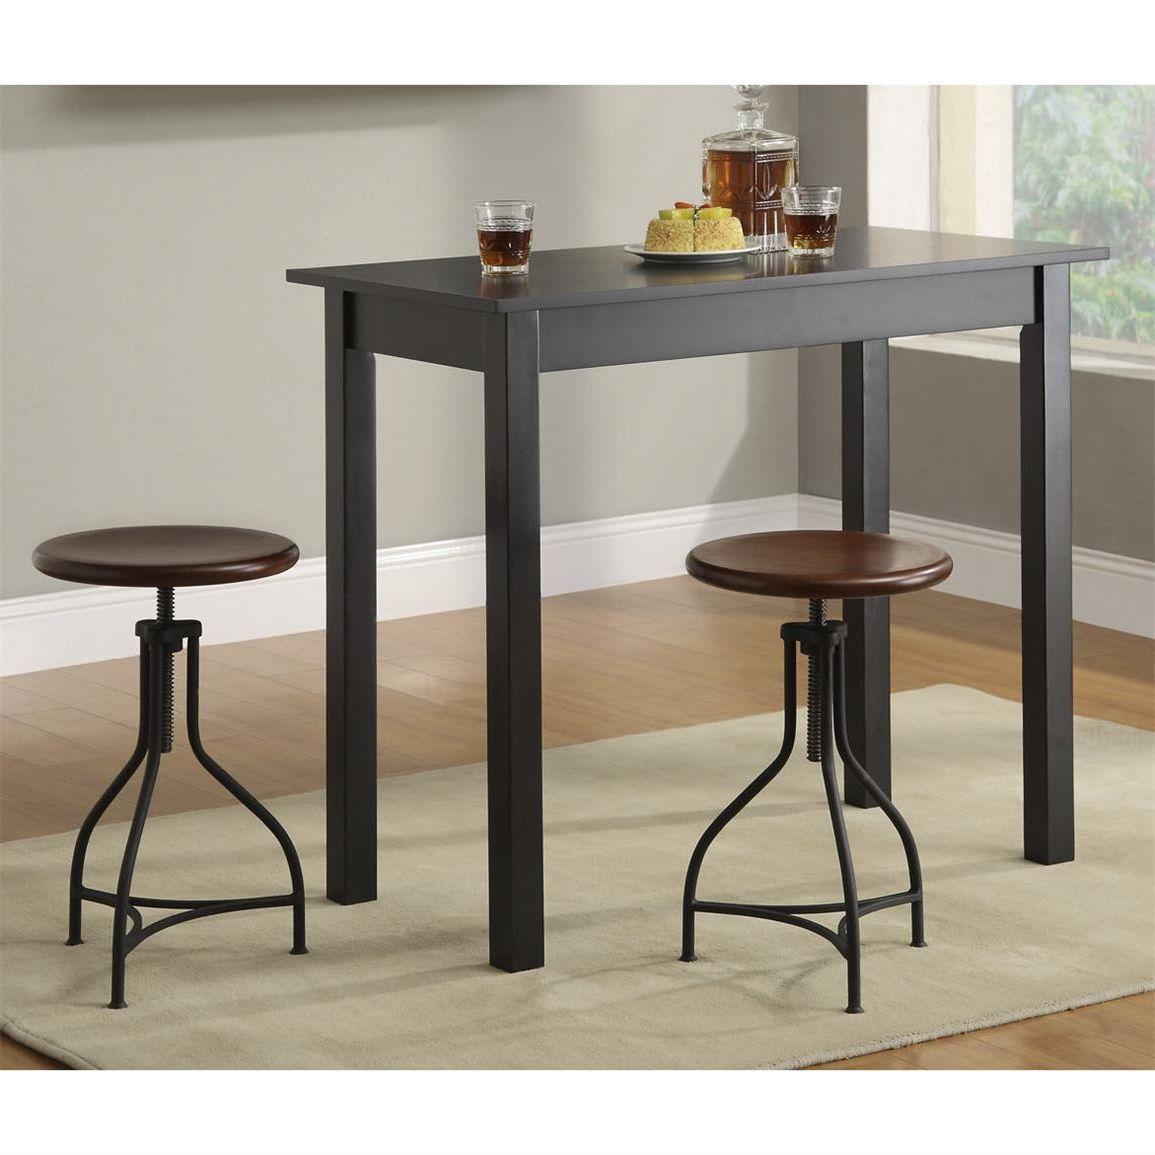 breakfast bars furniture. Exellent Breakfast Enchanting Breakfast Bar Table For Breakfast Bars Furniture